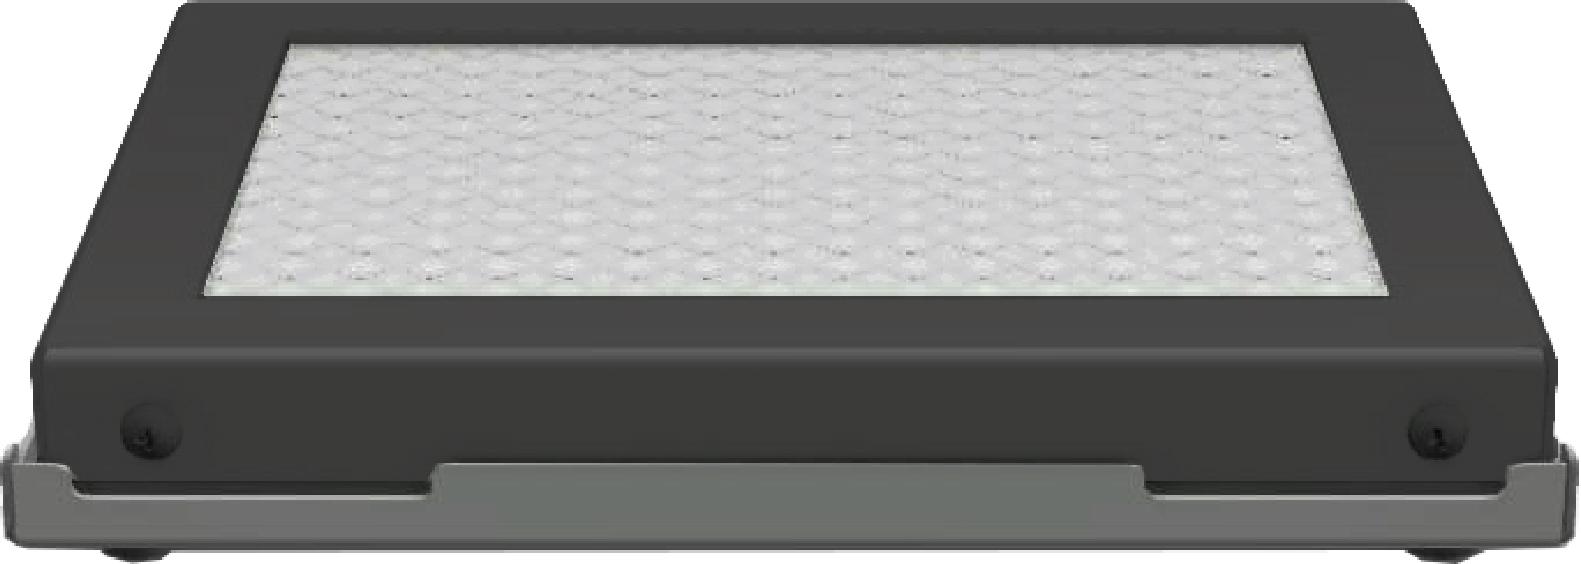 Wabentisch für Laser-Graviermaschine IMP-L100